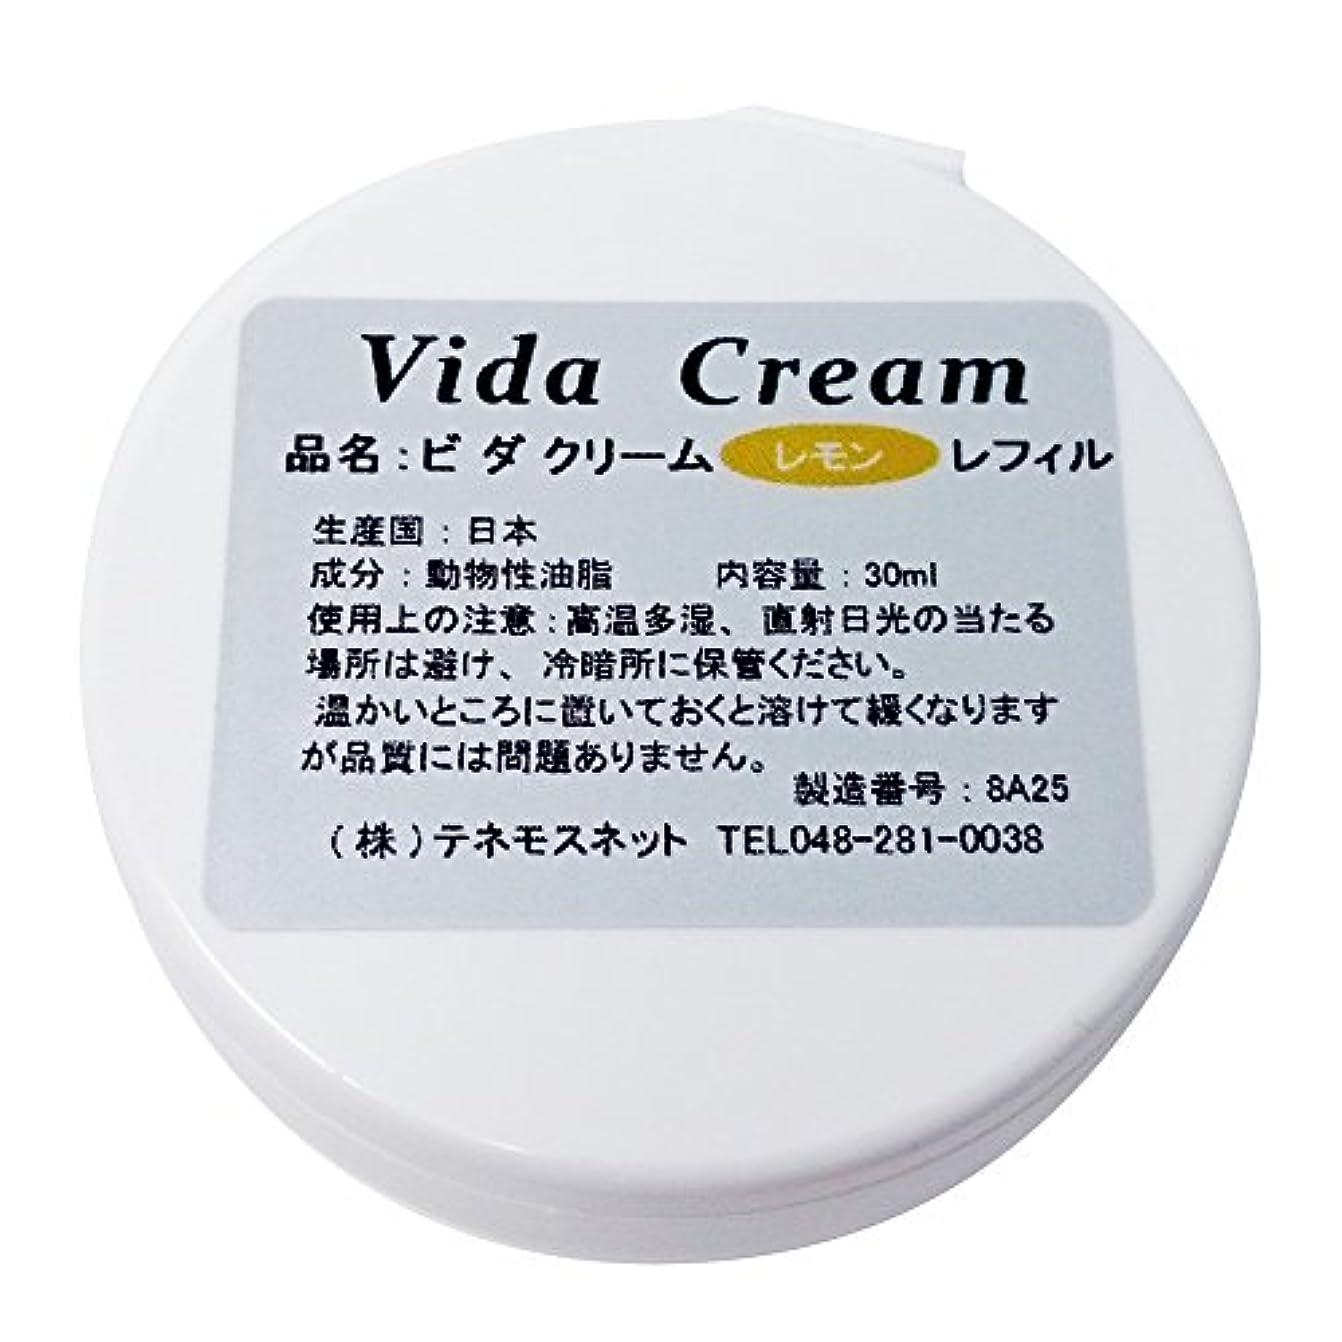 テネモス ビダクリーム Vida Cream ほのかレモン レフィル 付替用 30ml